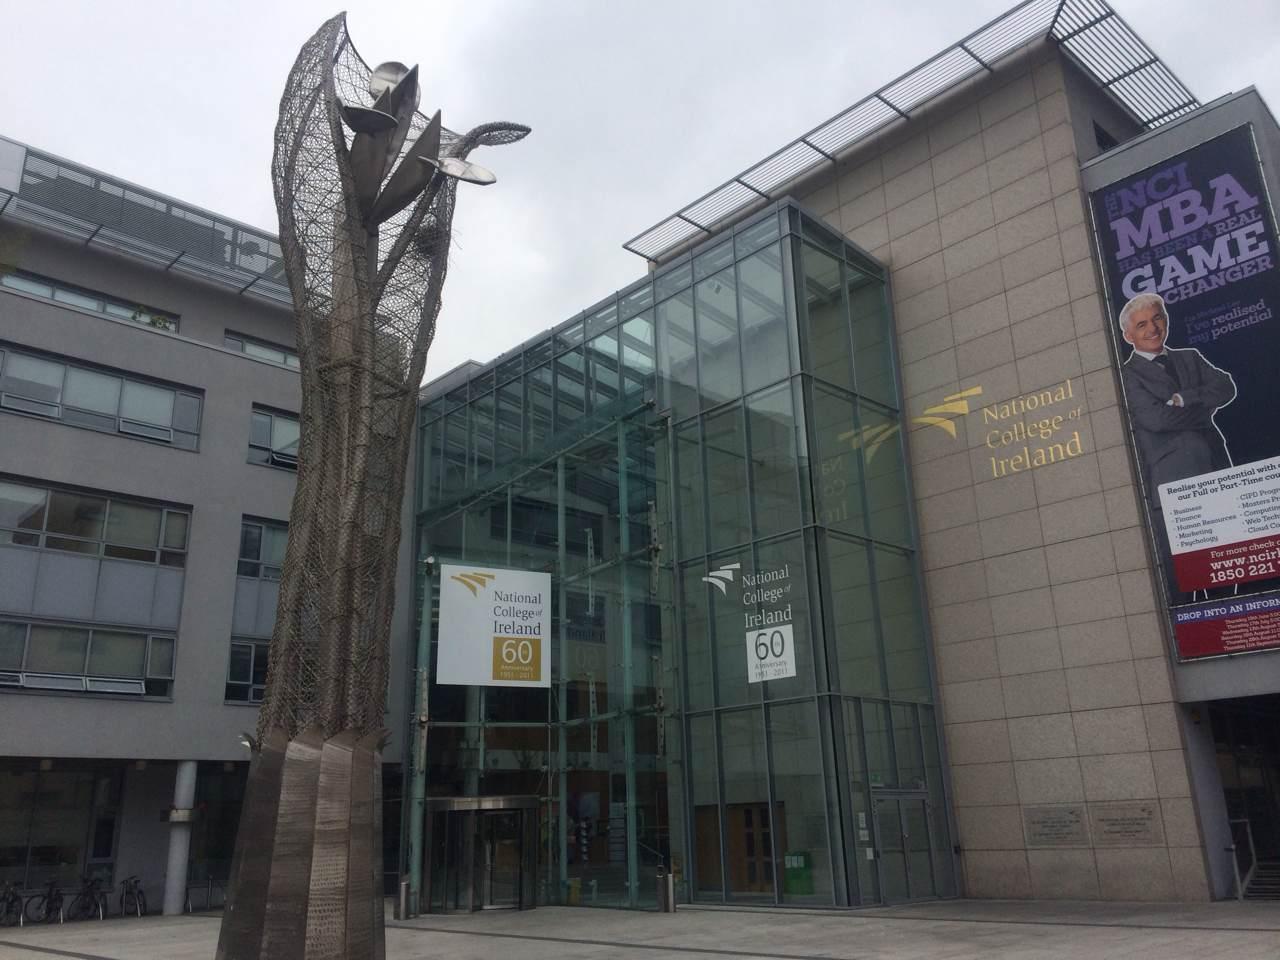 爱尔兰国家学院 (8).jpg